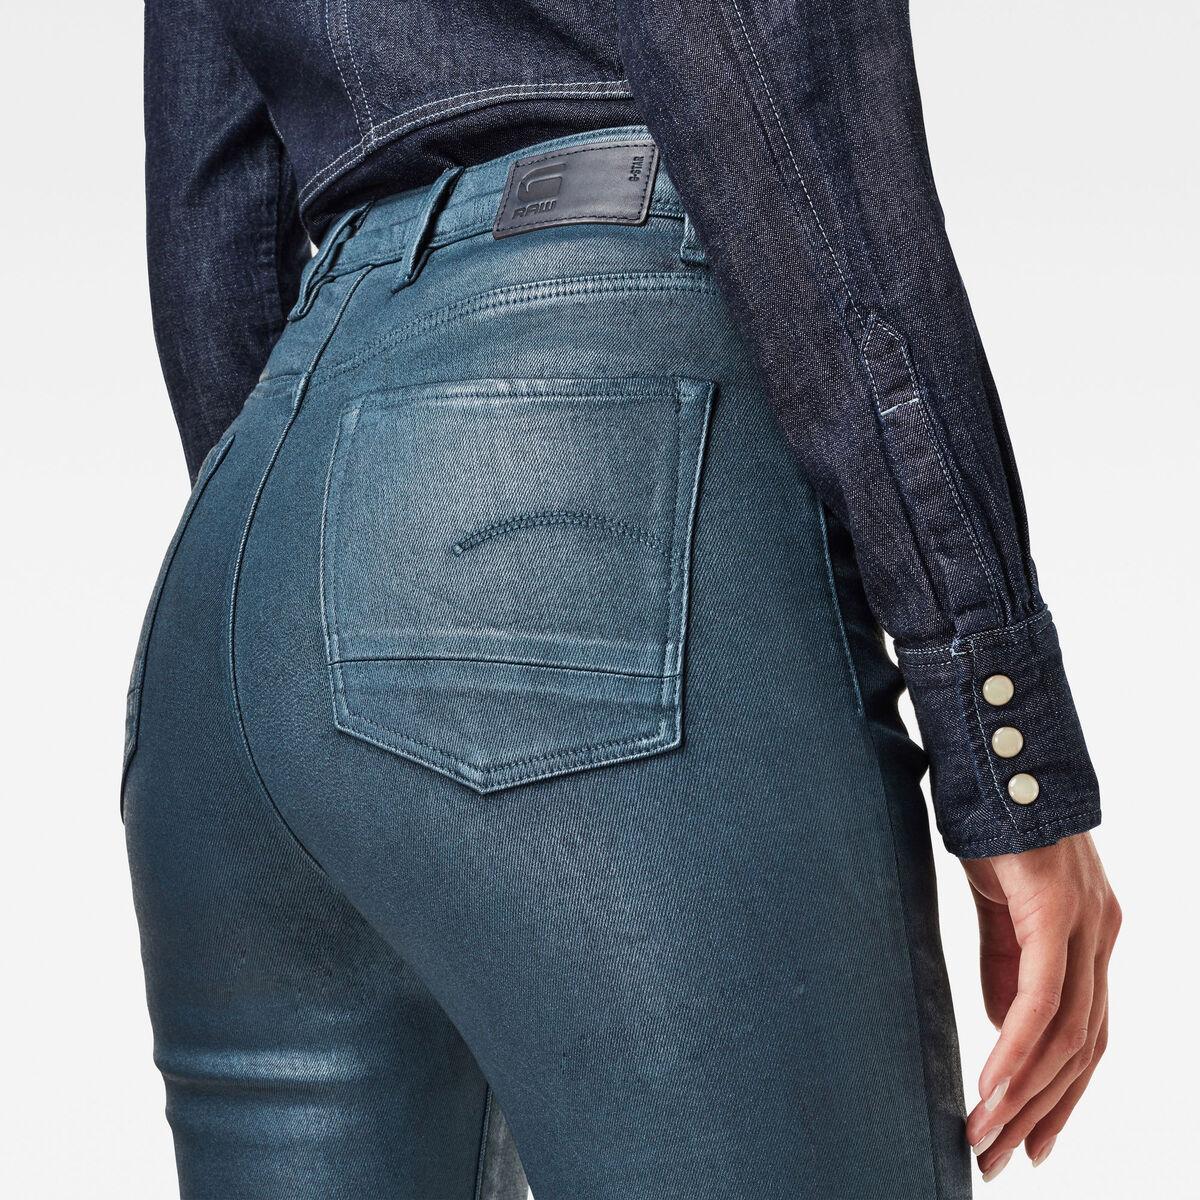 Bild 3 von Kafey Ultra High Skinny Jeans